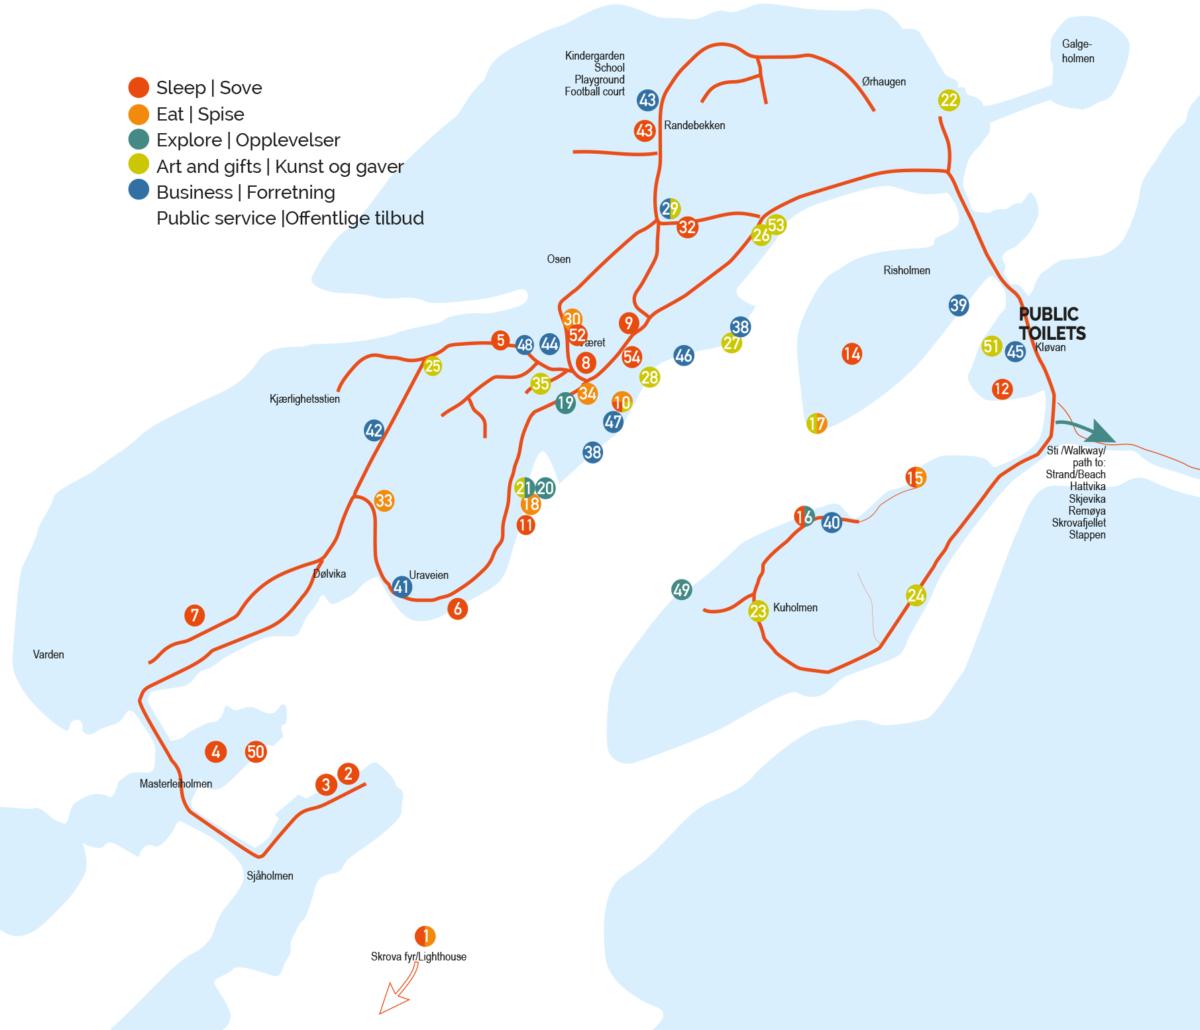 Oversiktskart over Skrova med plassering av overnatting, spisesteder, opplevelser og butikker og forretninger